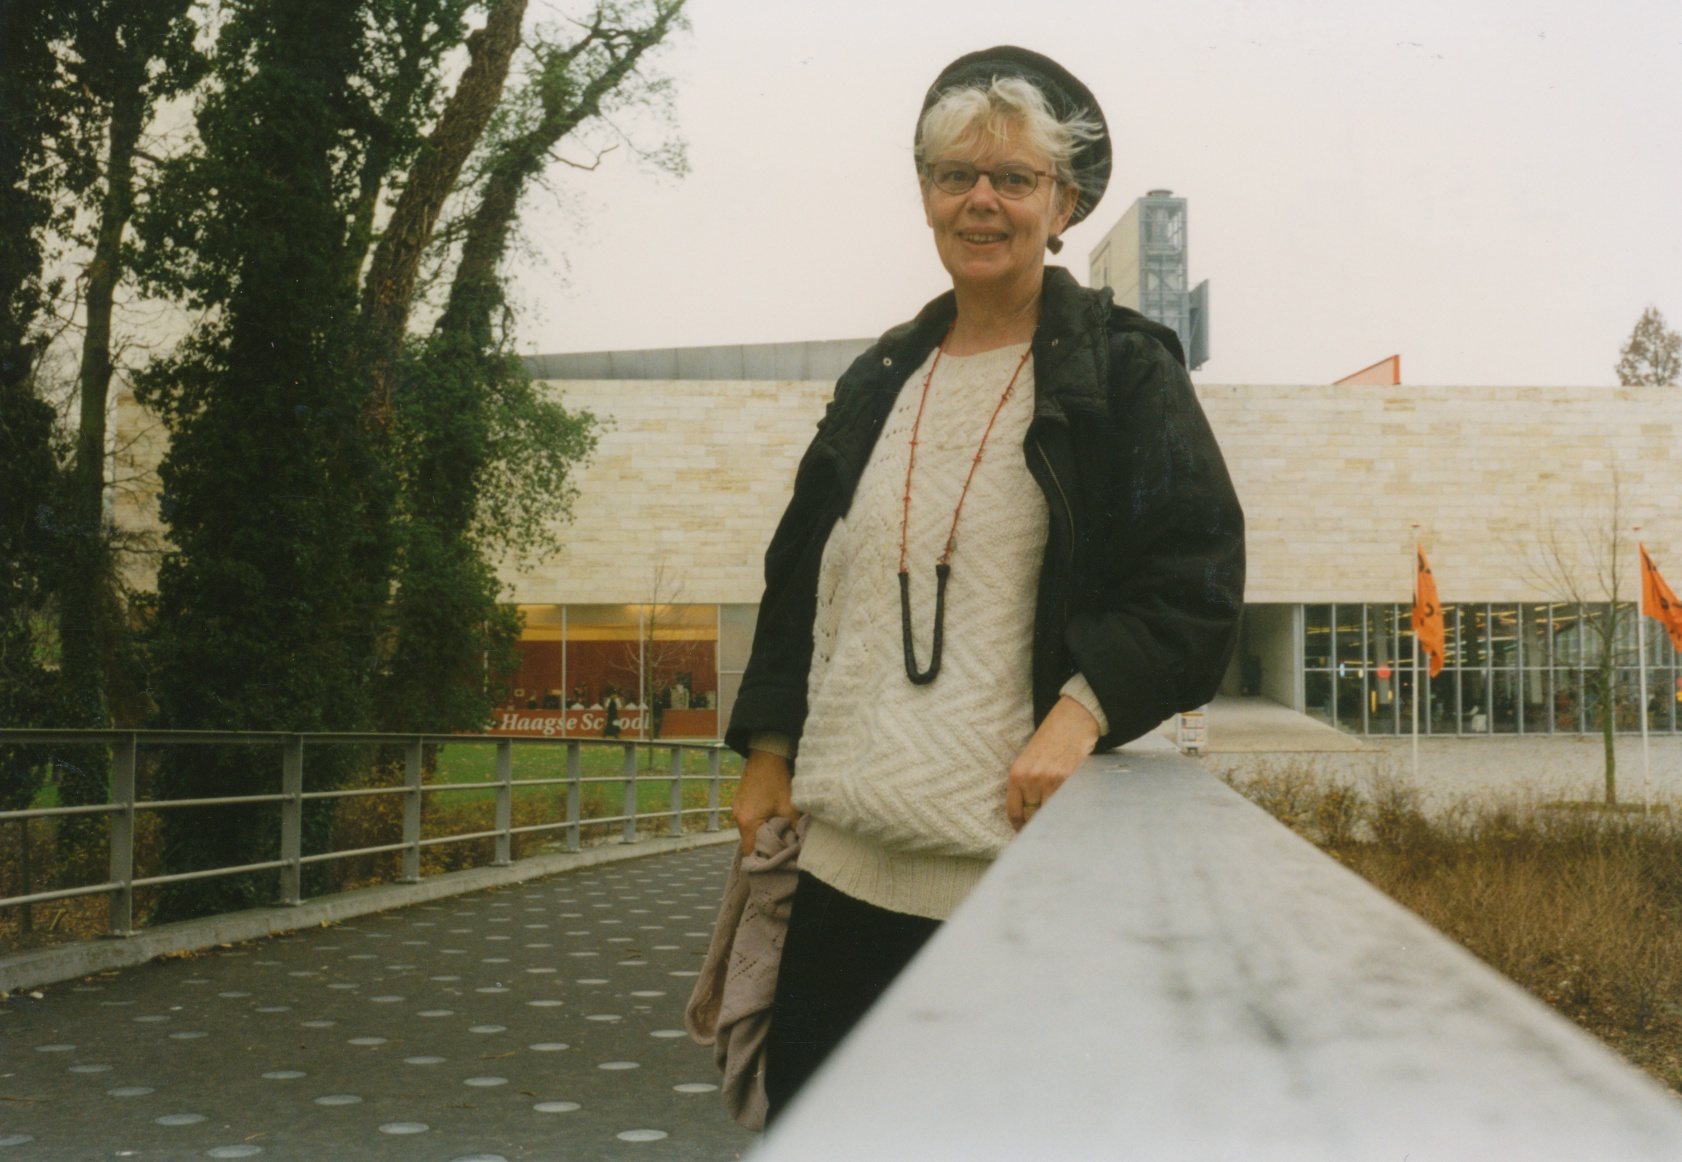 Claartje Keur, Zelfportret met halssieraad van Rian de Jong, Rotterdam, Kunsthal, 12 juni 1997. Foto Claartje Keur